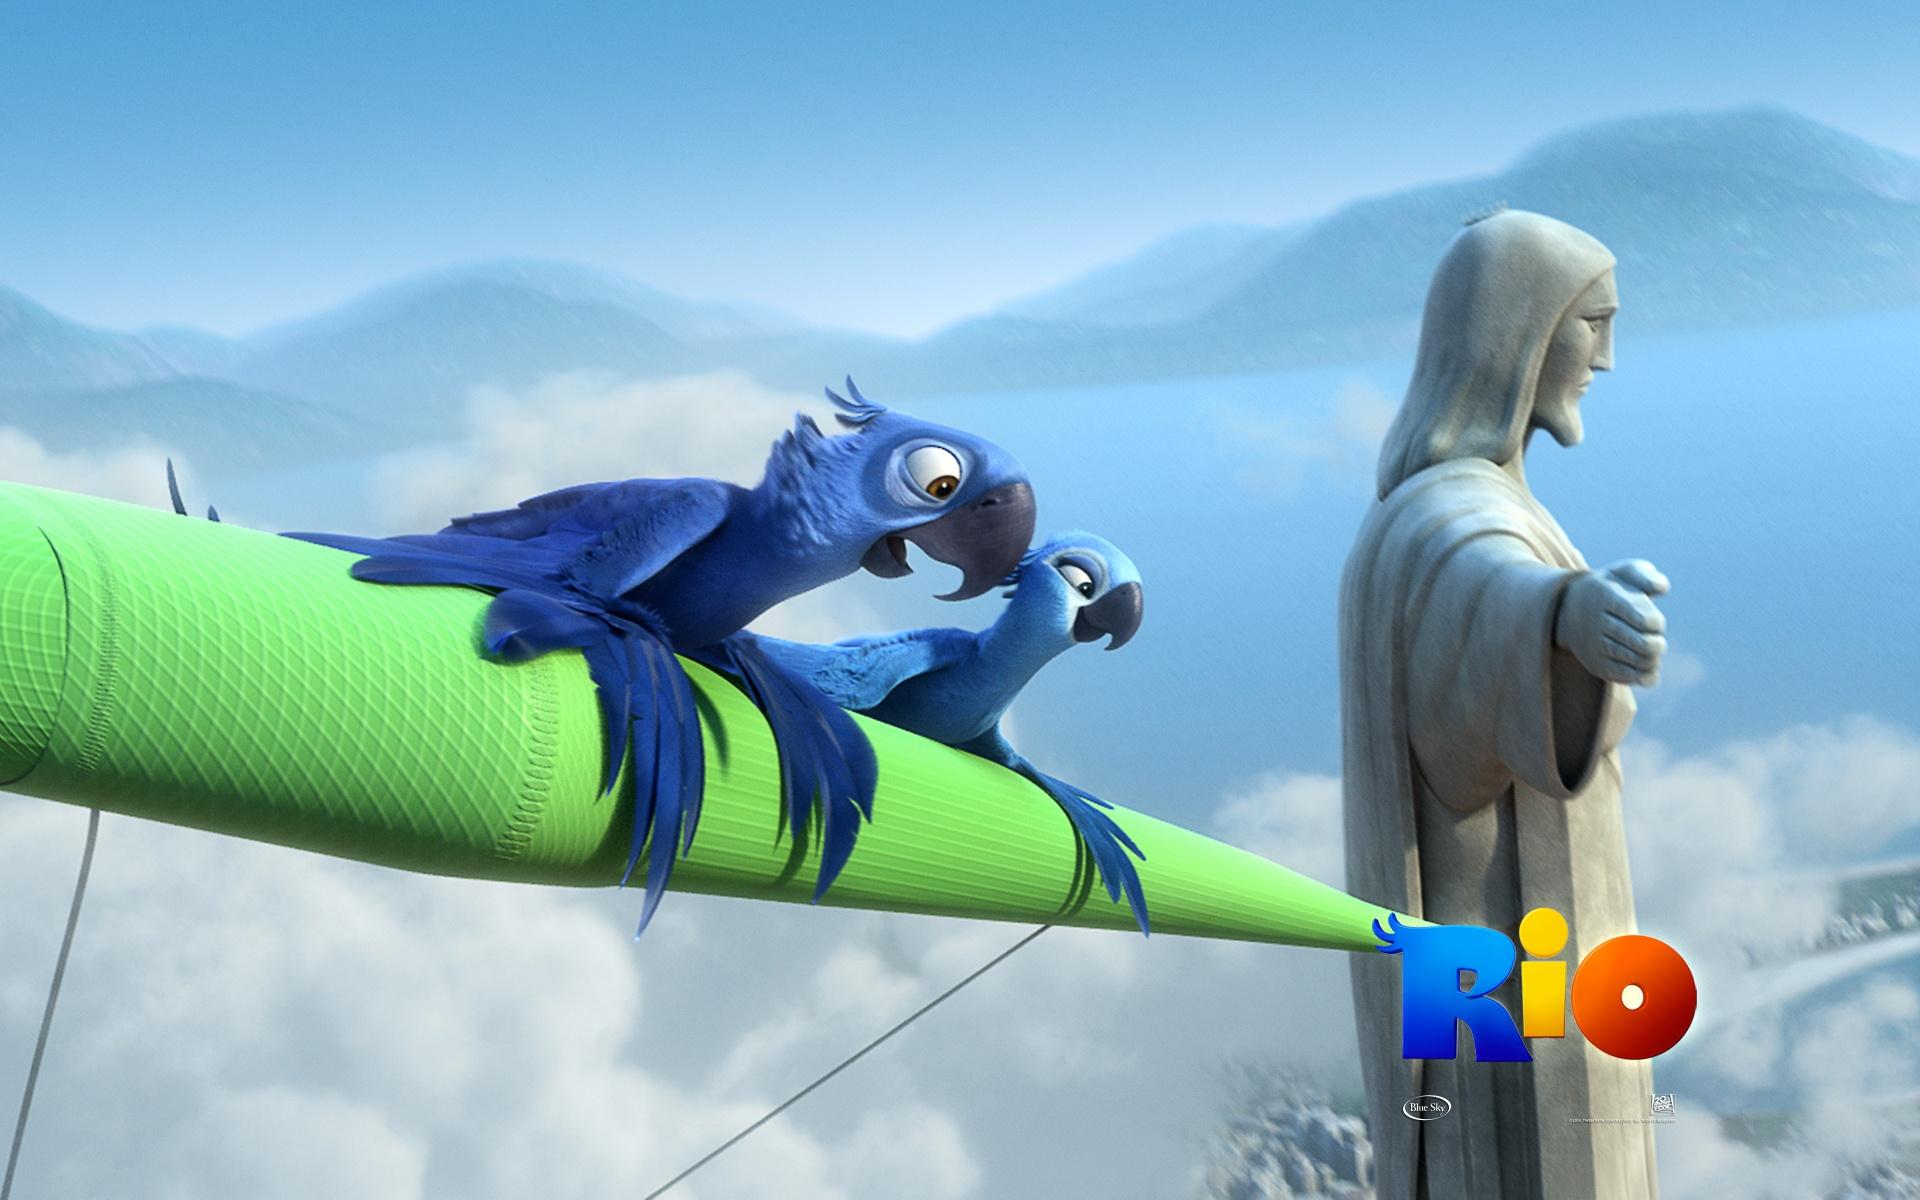 Rio Movie wallpaper 6